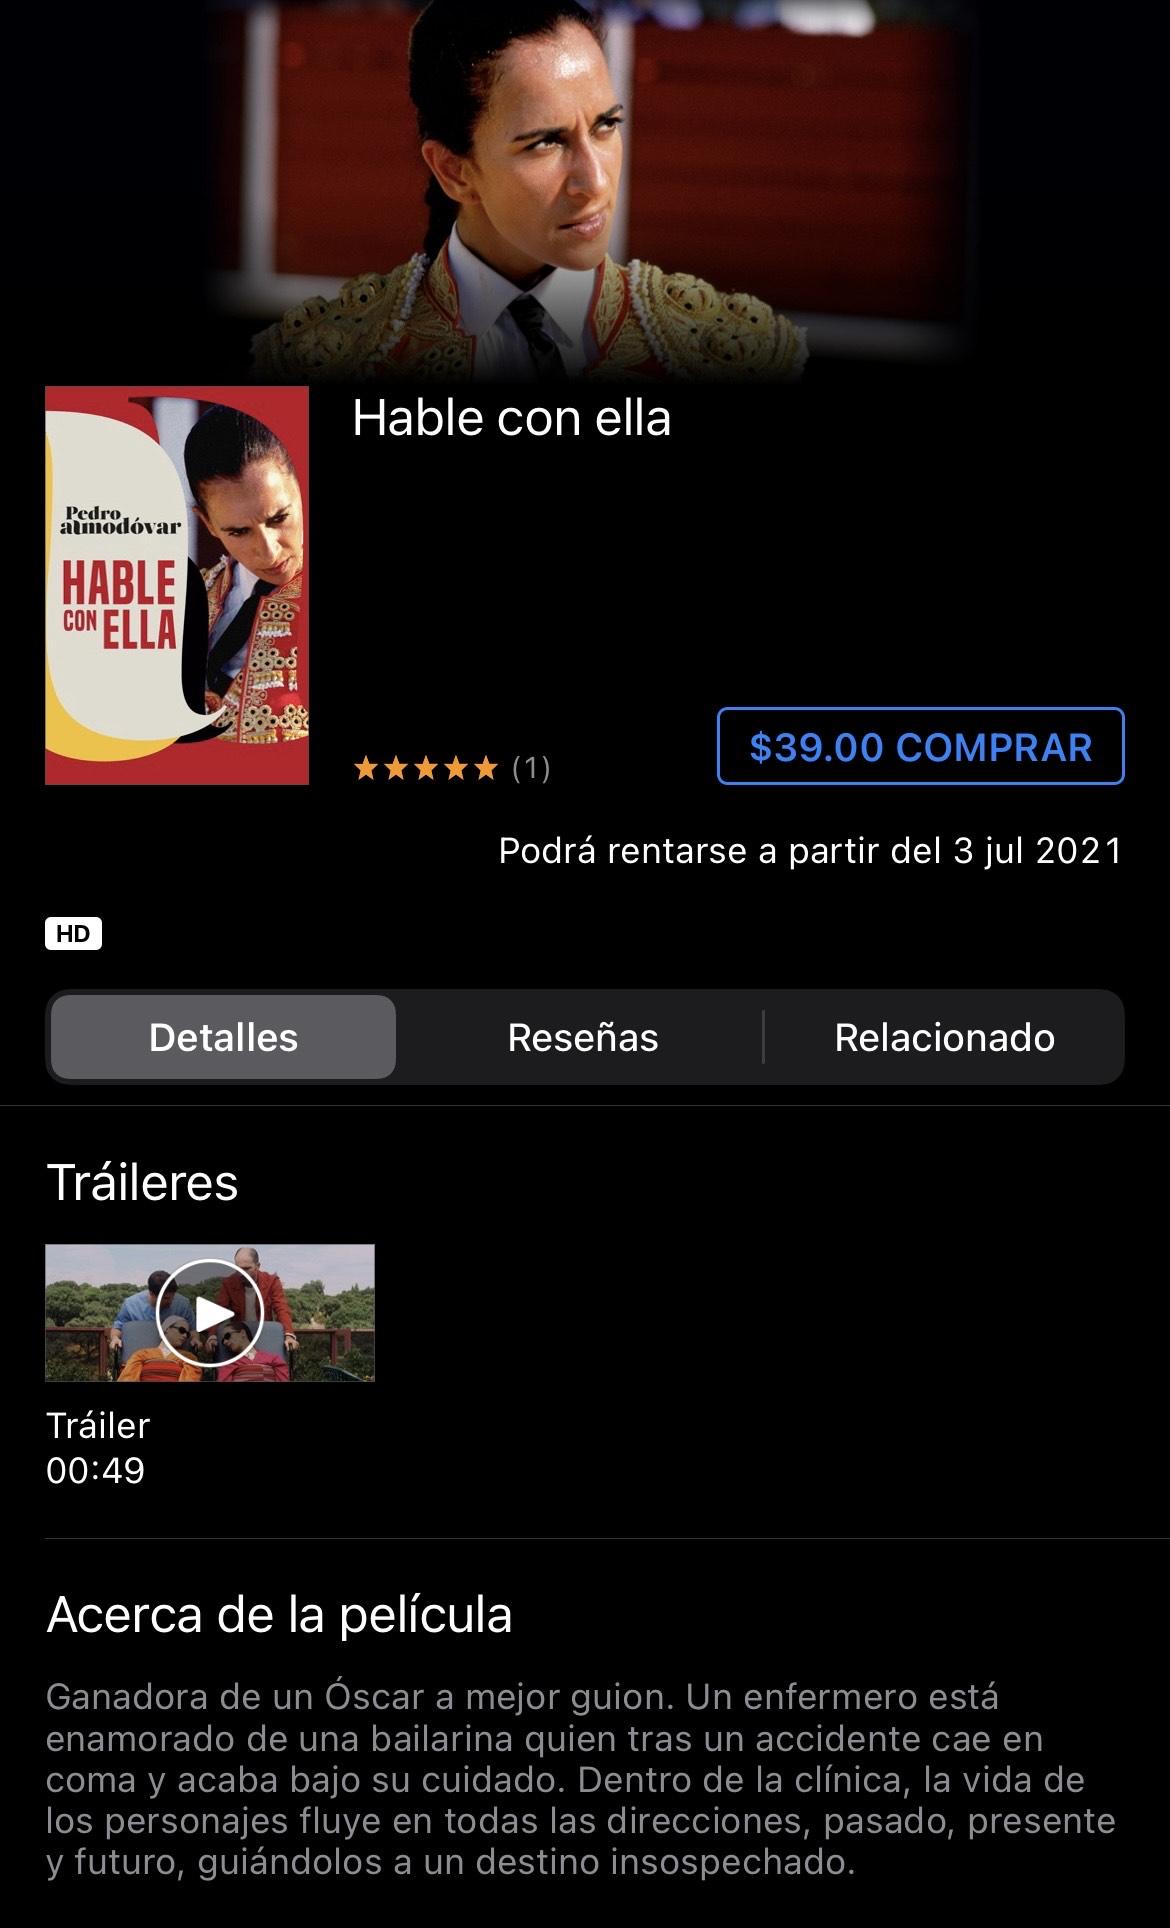 iTunes: Hablé con ella / Pedro Almodóvar